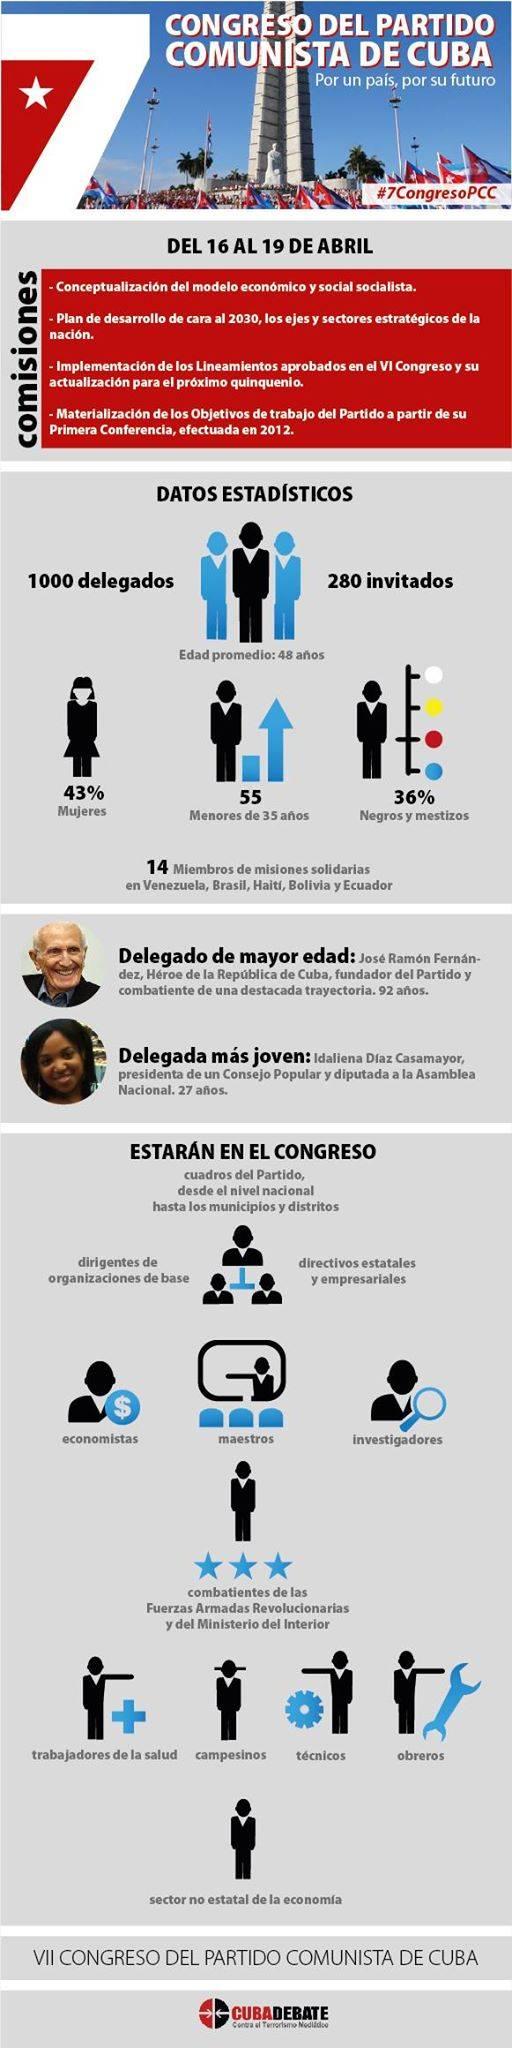 Detalles sobre el VII Congreso del Partido Comunista de Cuba. Infografía: Luis Amigo/Cubadebate.